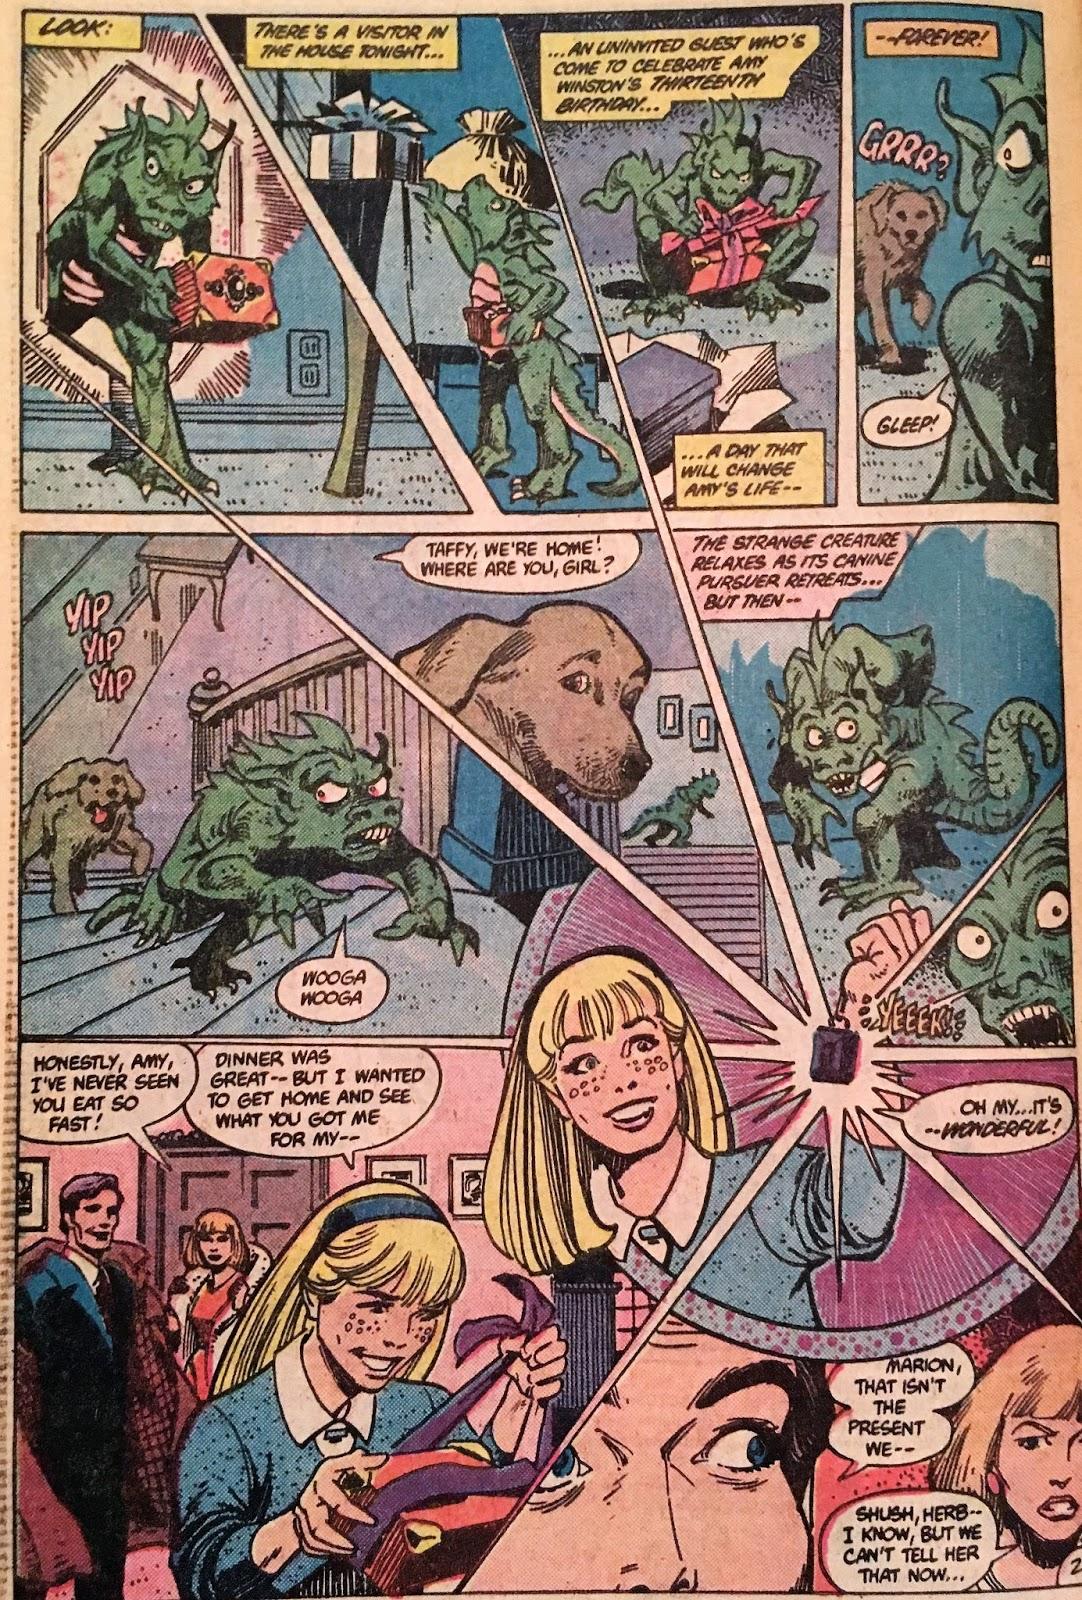 51 - Les comics que vous lisez en ce moment - Page 21 IMG_1794